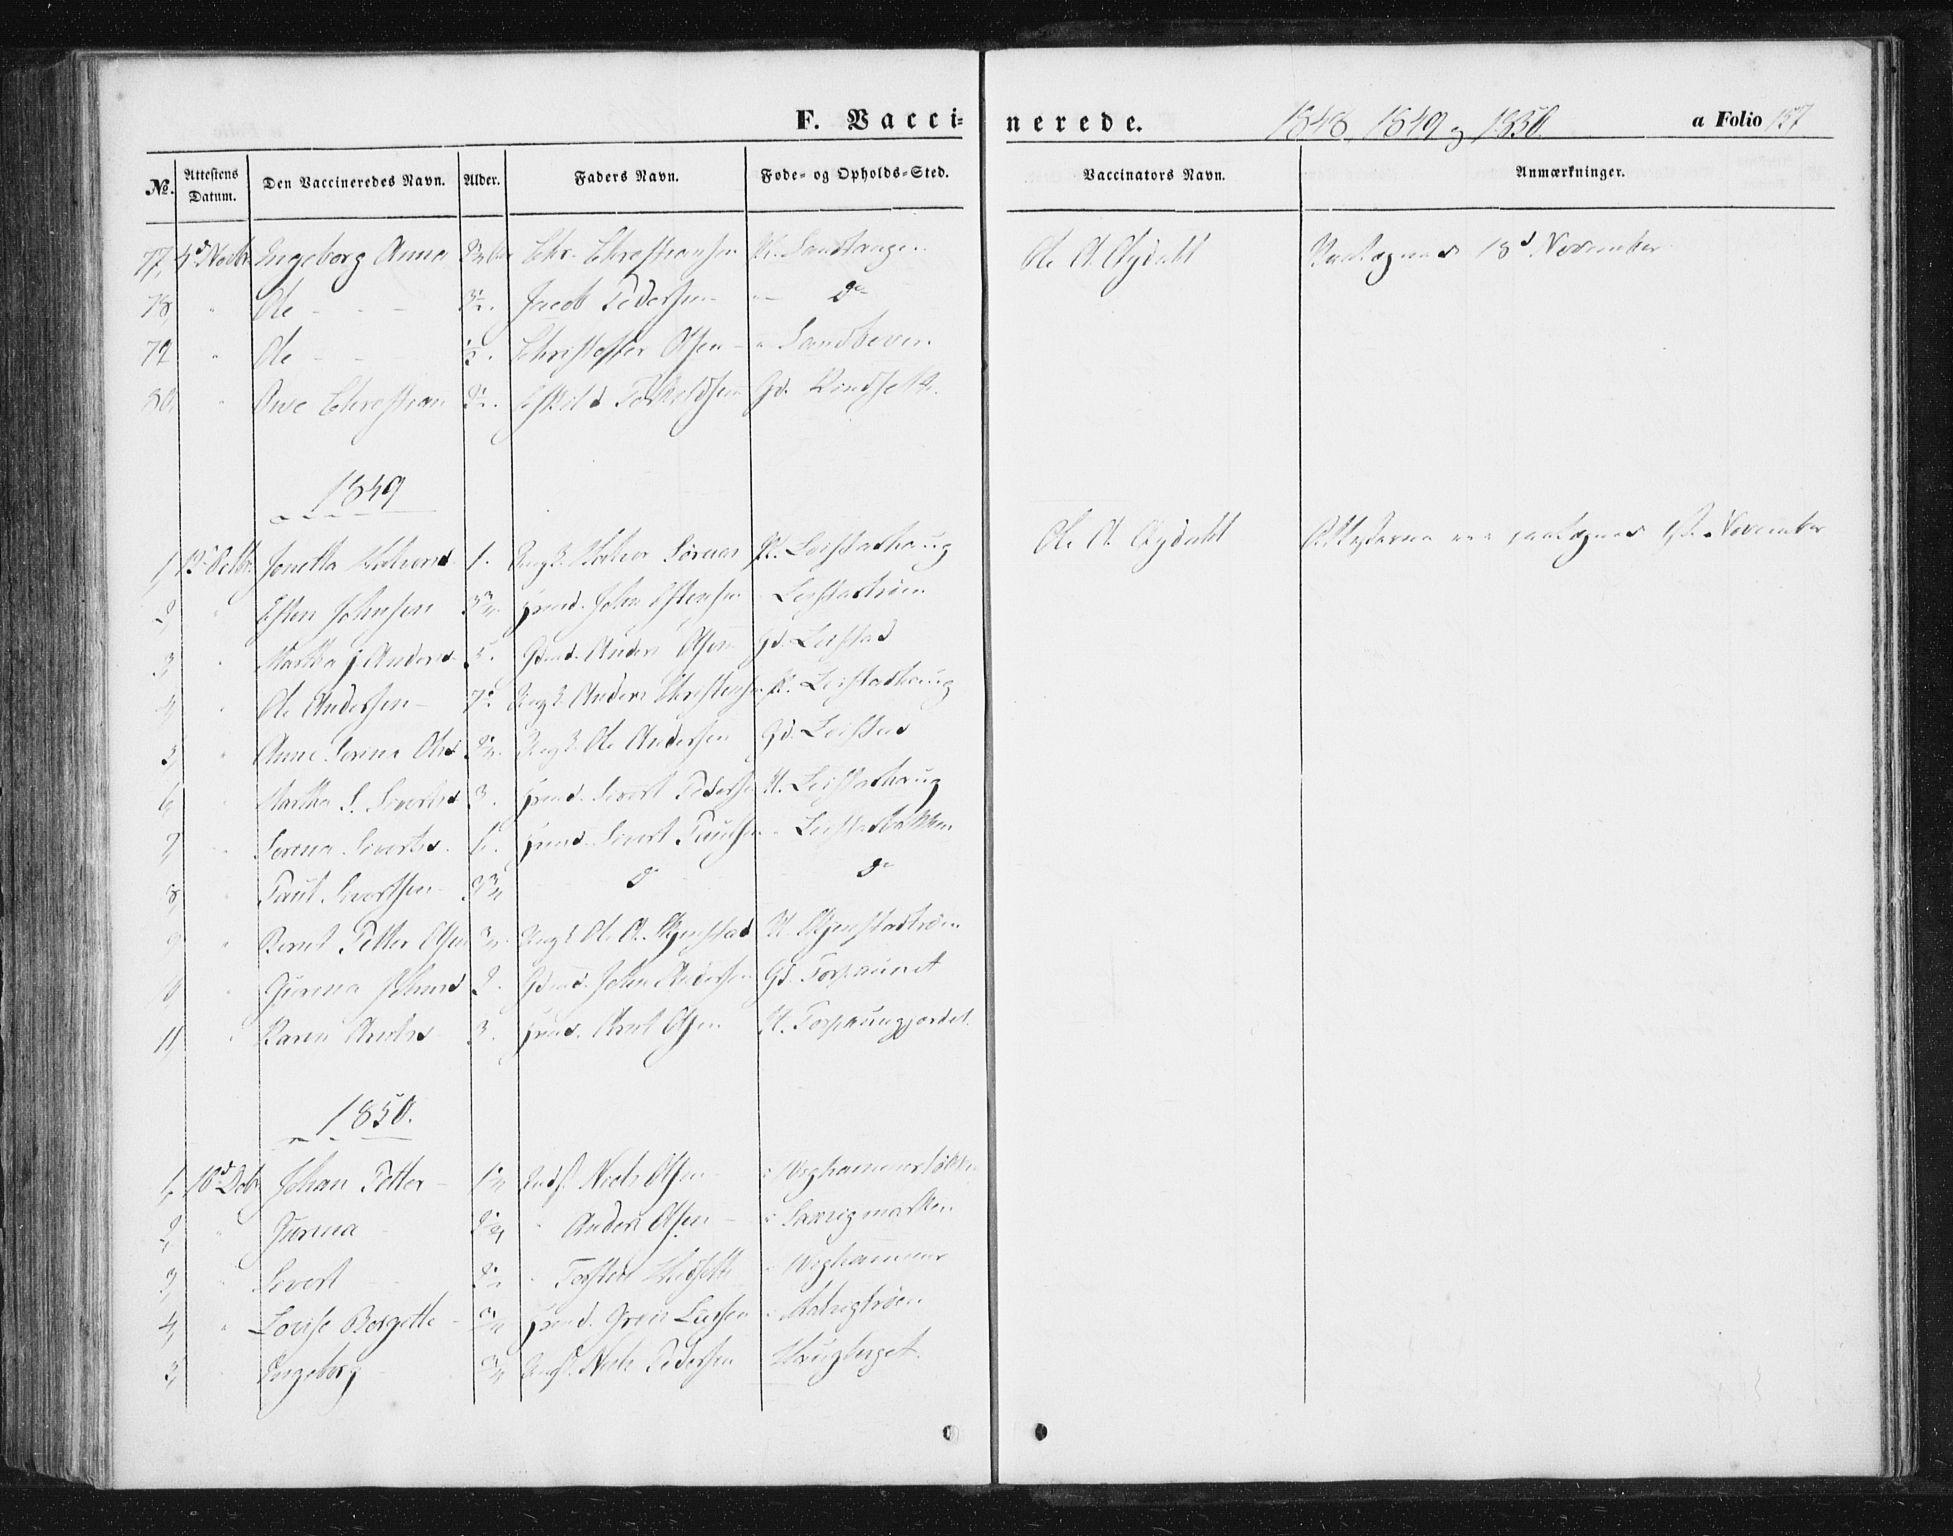 SAT, Ministerialprotokoller, klokkerbøker og fødselsregistre - Sør-Trøndelag, 616/L0407: Ministerialbok nr. 616A04, 1848-1856, s. 157